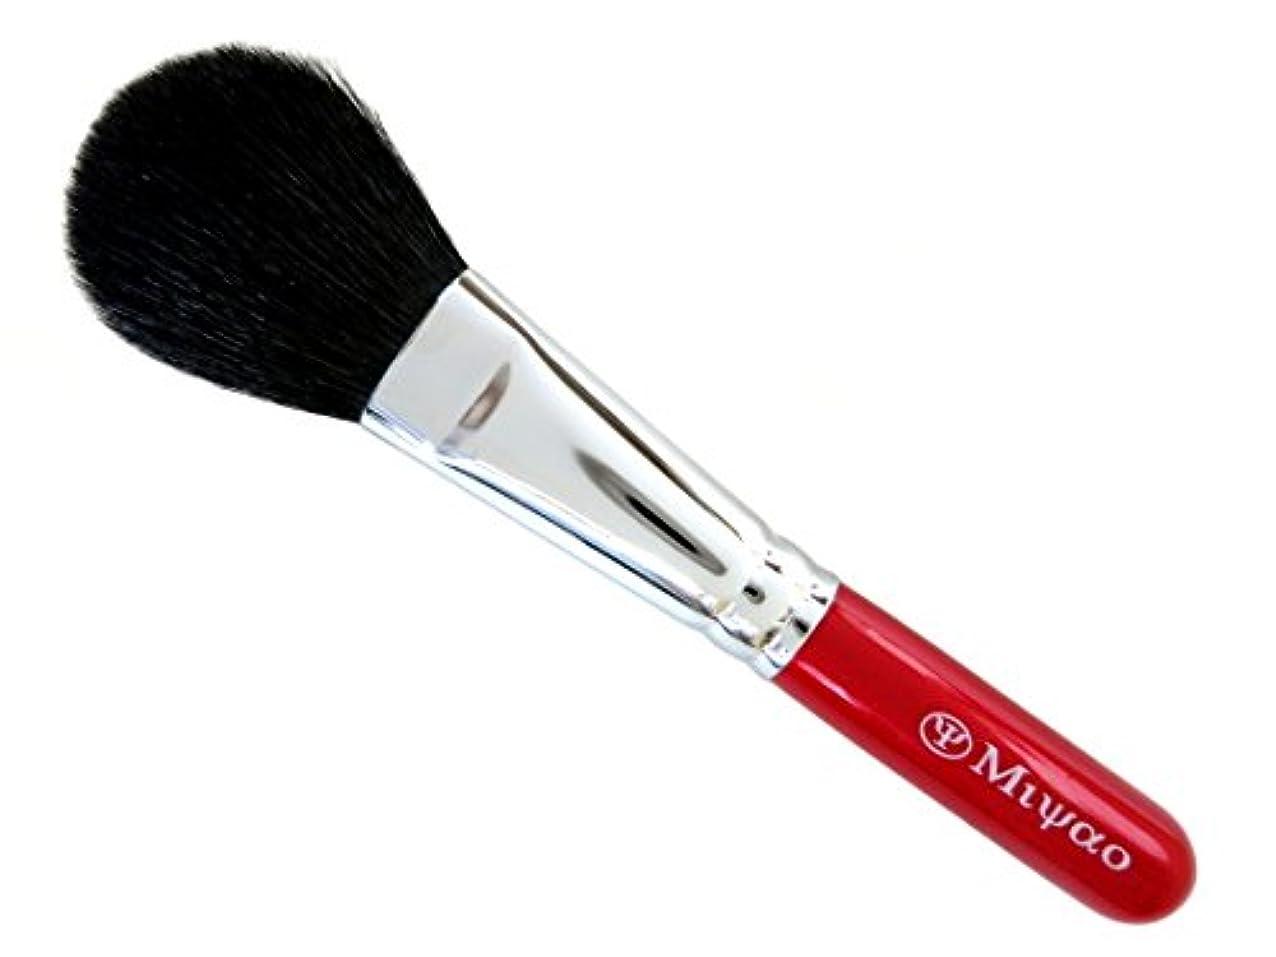 困惑メーター疾患メイクブラシ MRシリーズ-9-1 チークブラシ 高級山羊毛 熊野筆 宮尾産業化粧筆